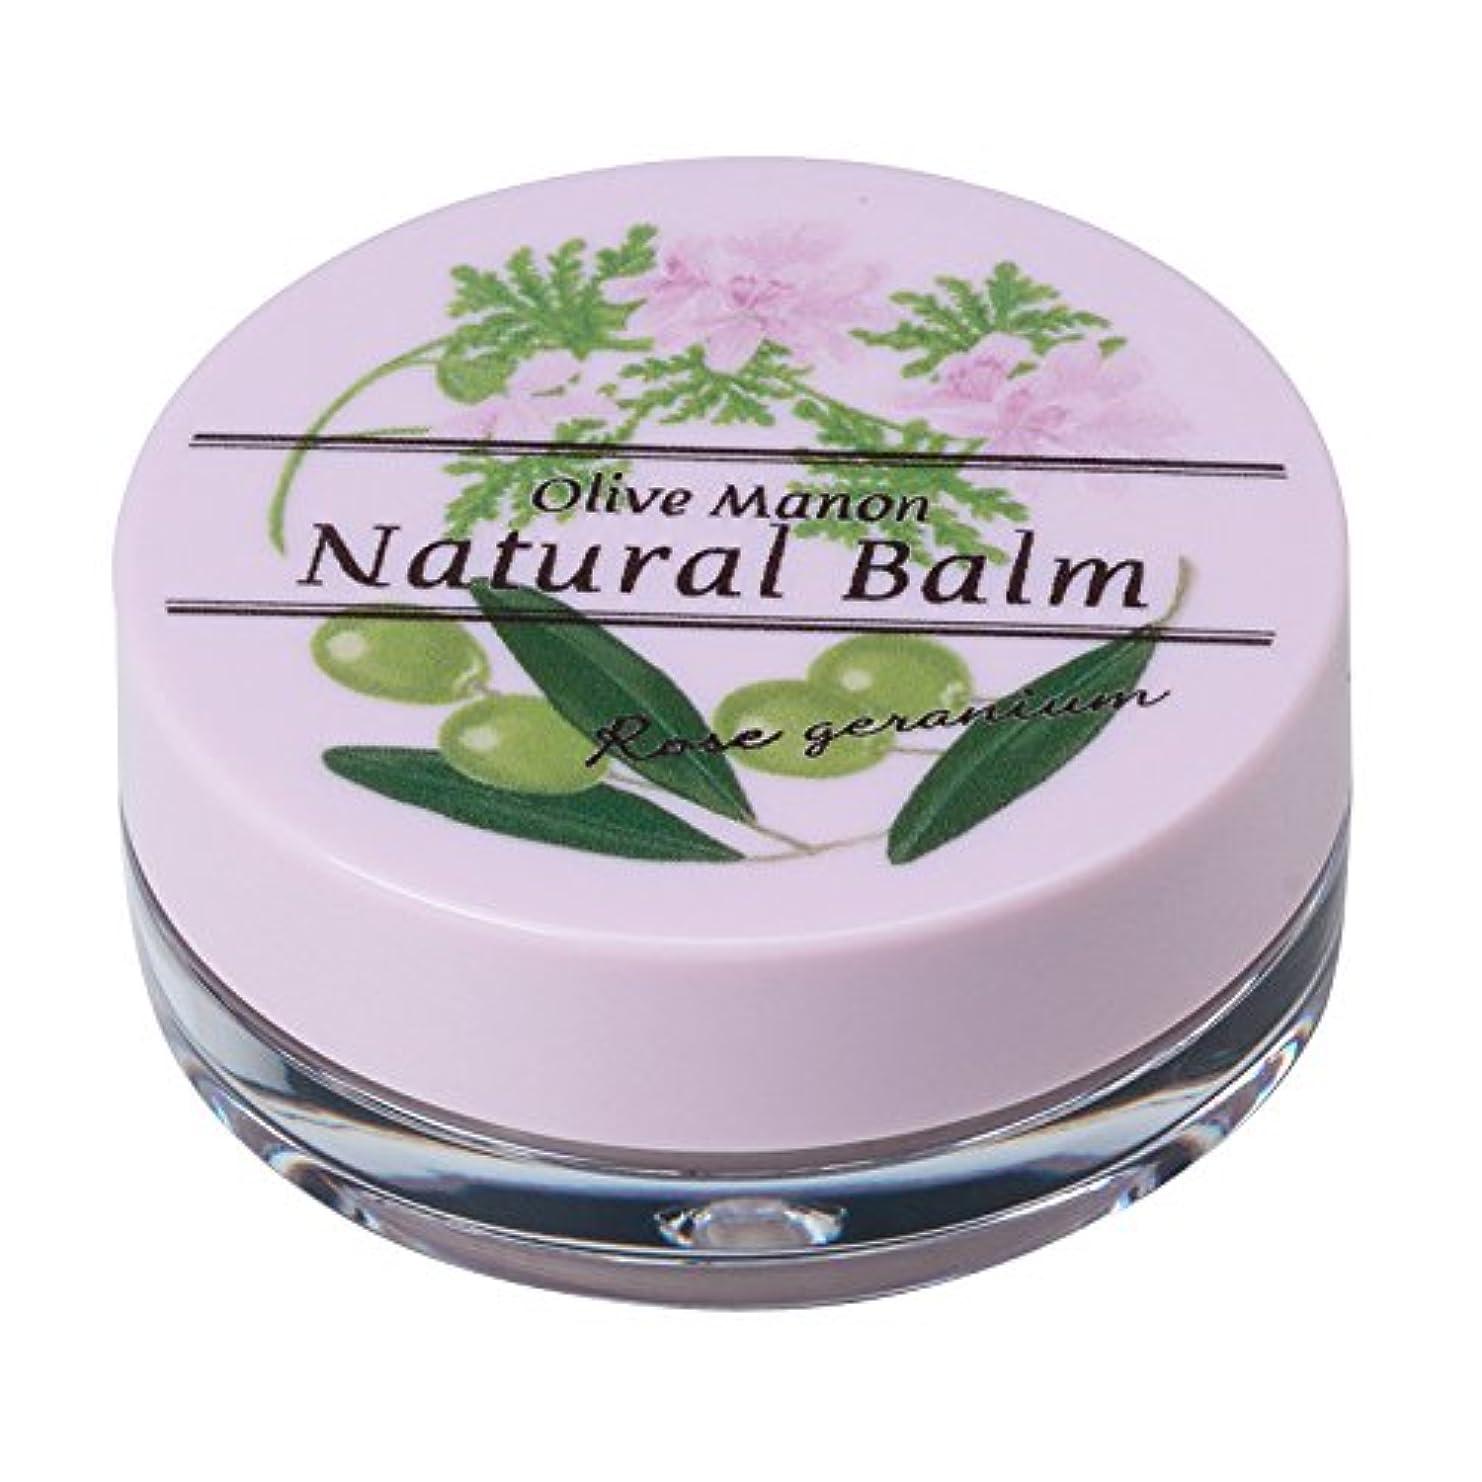 北東住む子供時代オリーブマノン ナチュバーム ローズゼラニウムの香り (10mL)